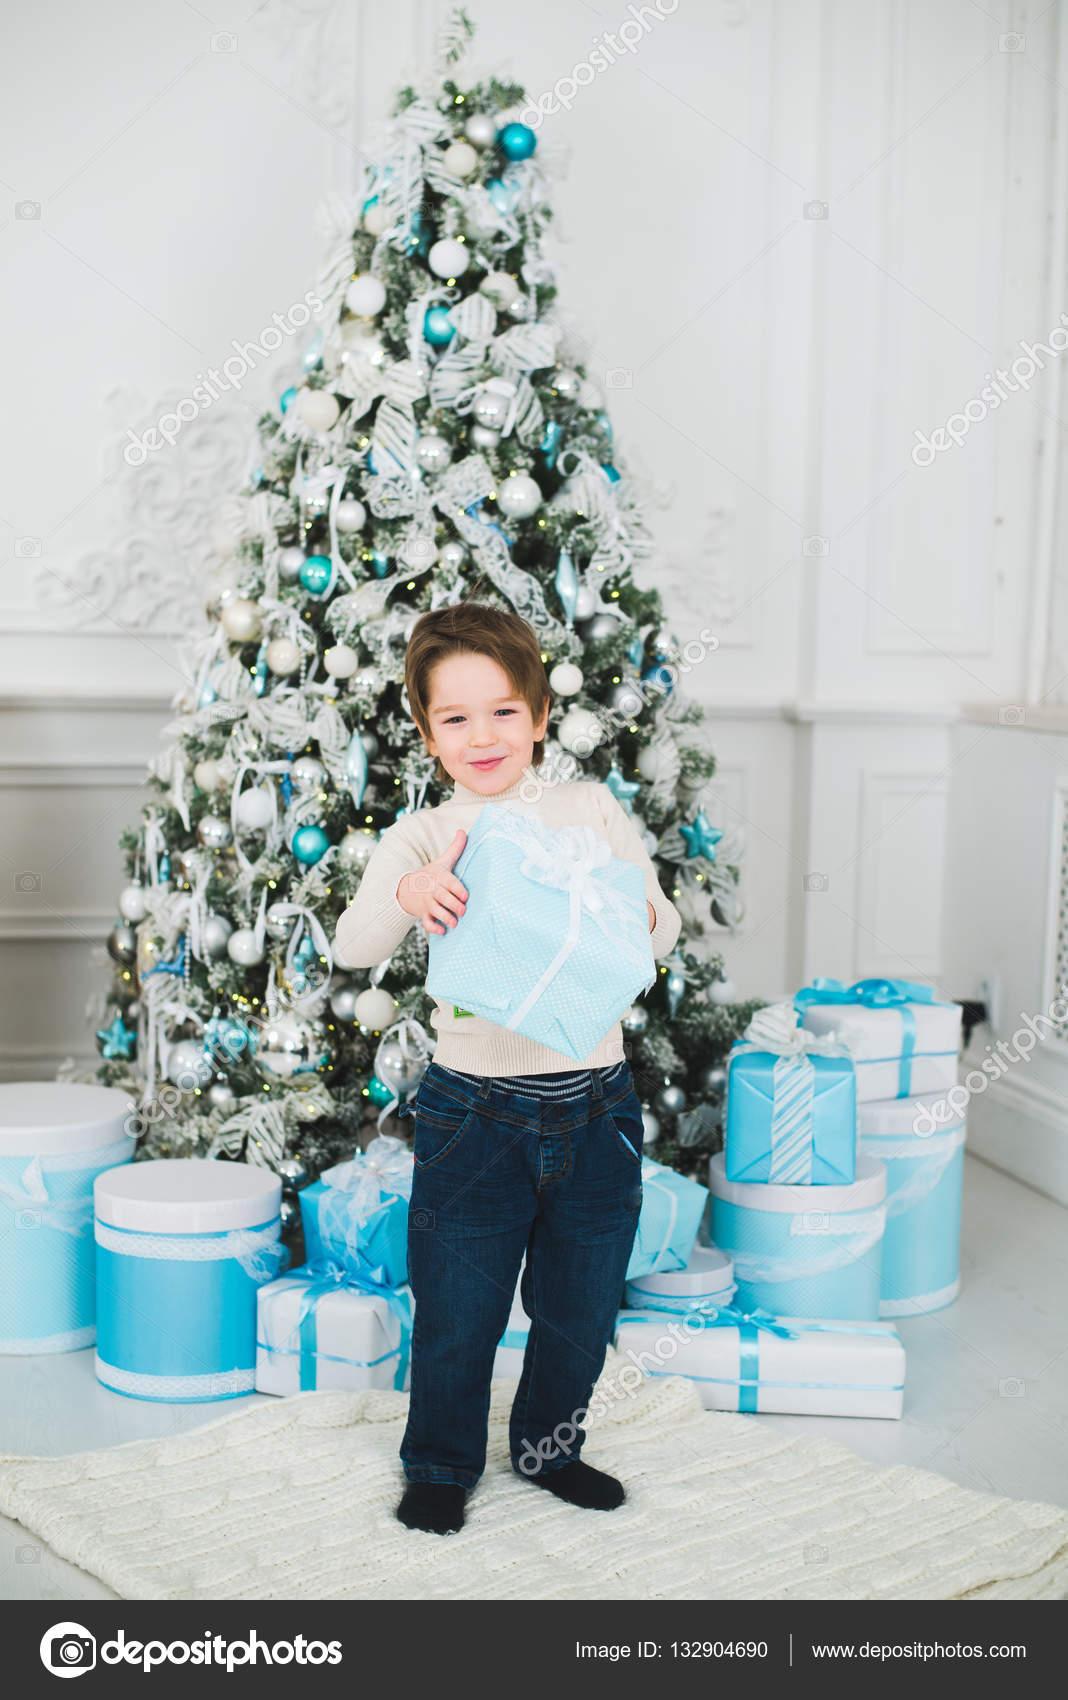 Urlaub, Geschenke, Weihnachten, x-mas-Konzept - glückliches Kind ...